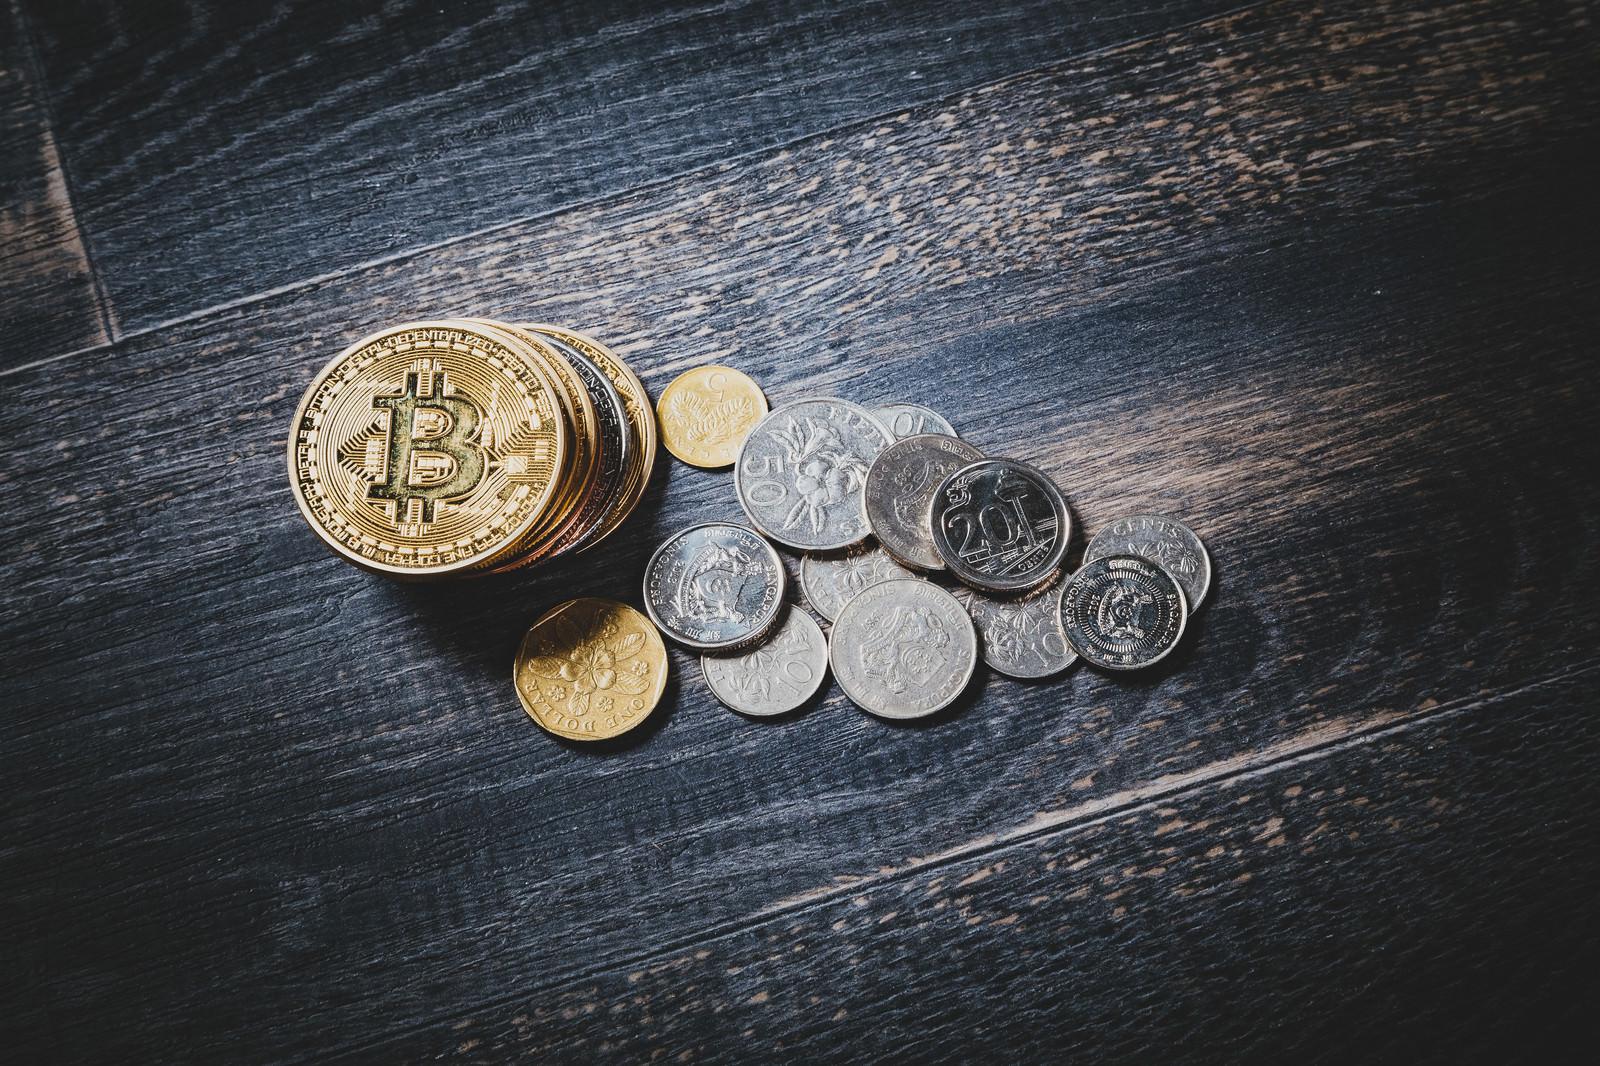 「仮想通貨と通貨(シンガポールドル)」の写真